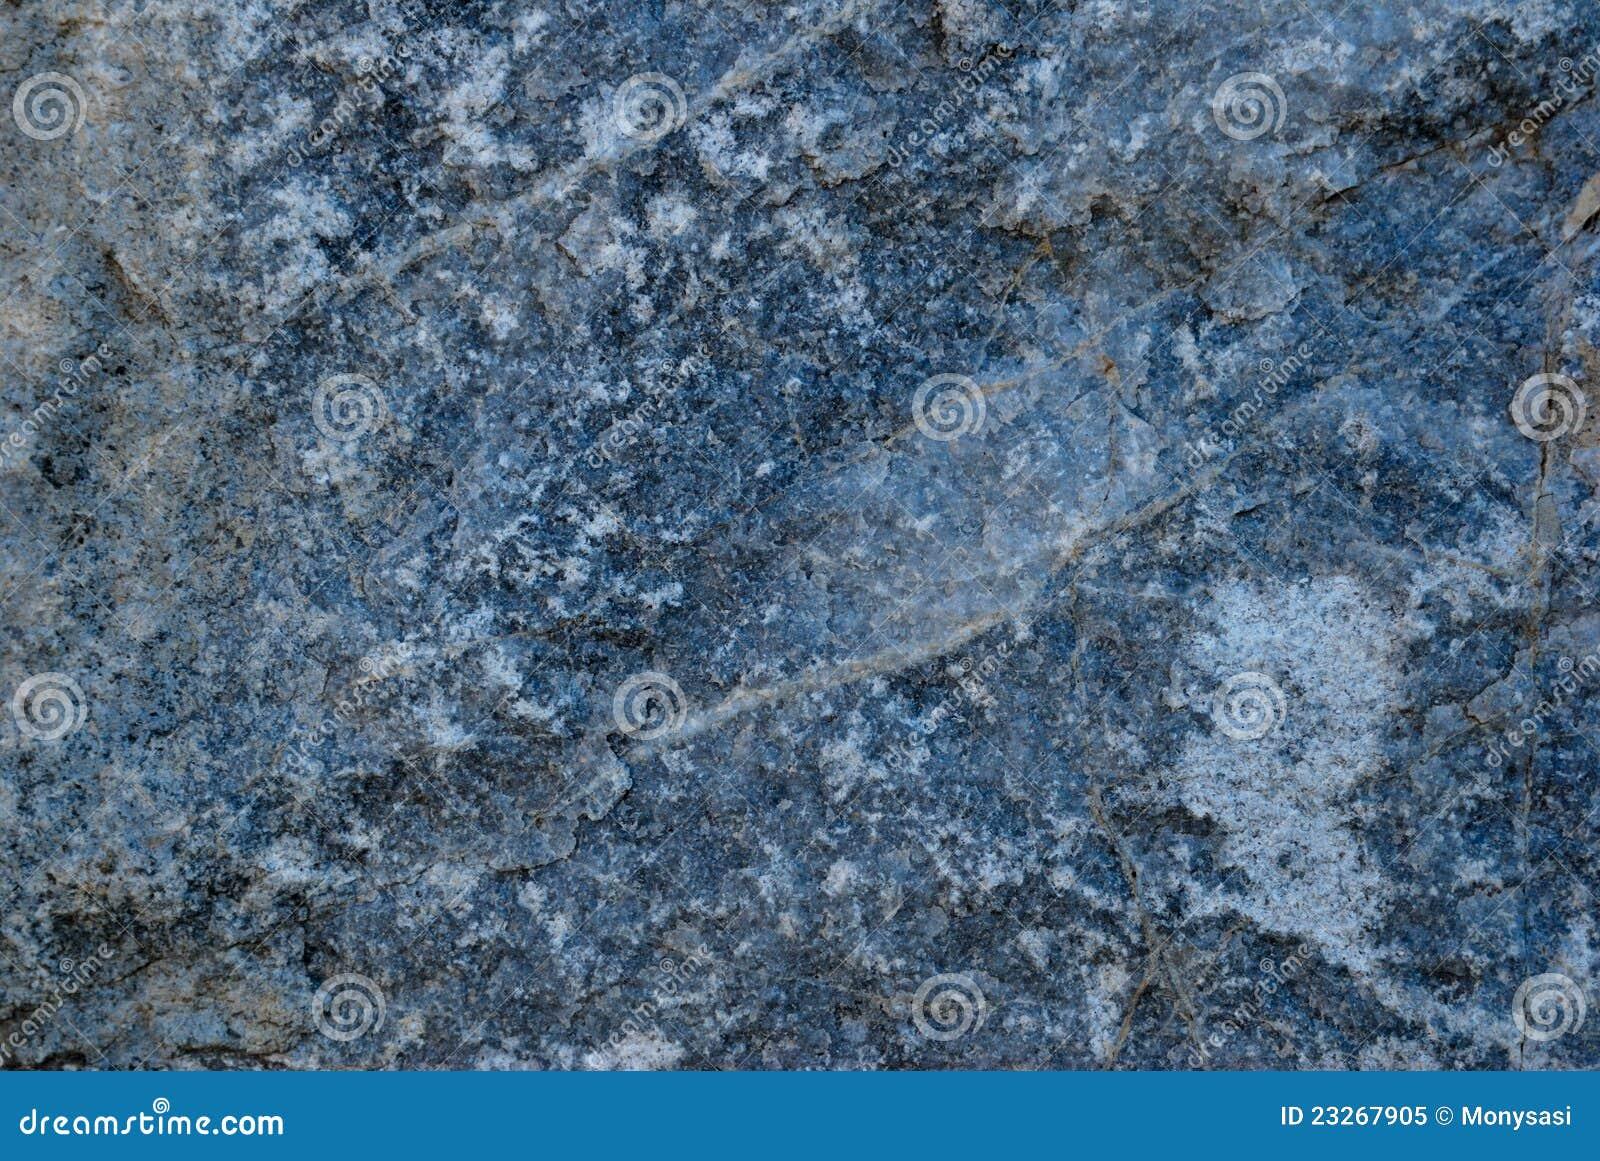 blauer stein lizenzfreies stockfoto bild 23267905. Black Bedroom Furniture Sets. Home Design Ideas